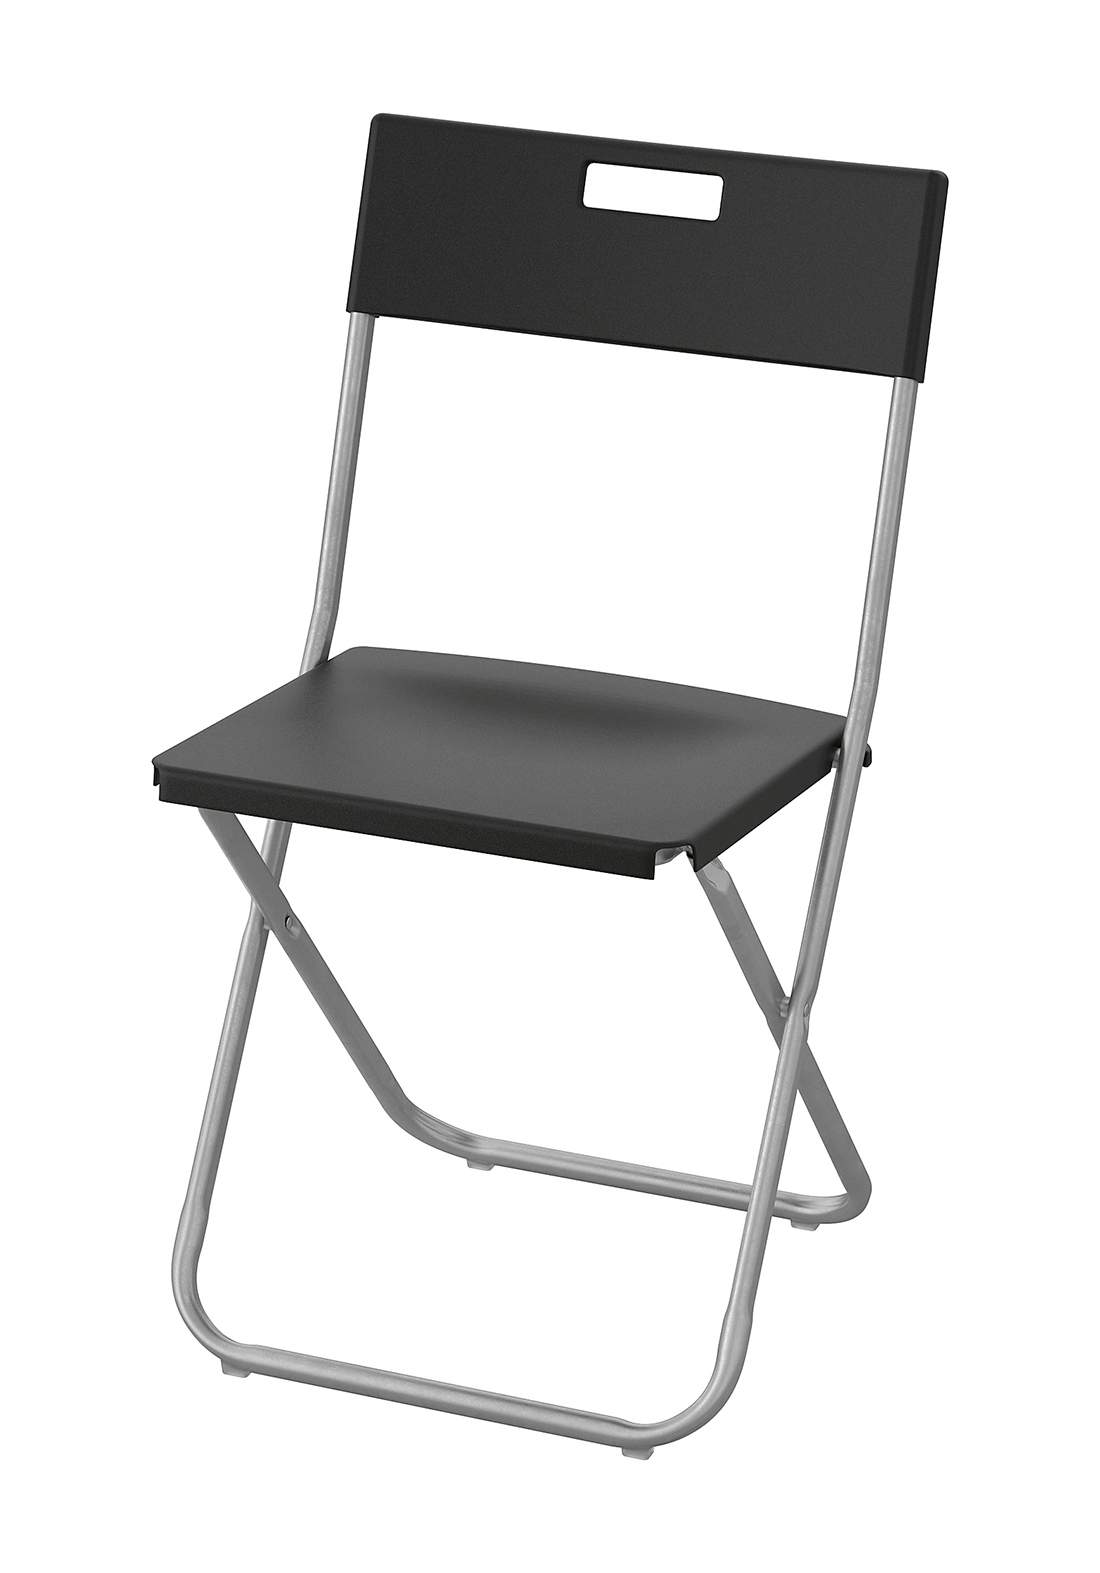 كرسي قابل للطي - اسود اللون من ايكيا